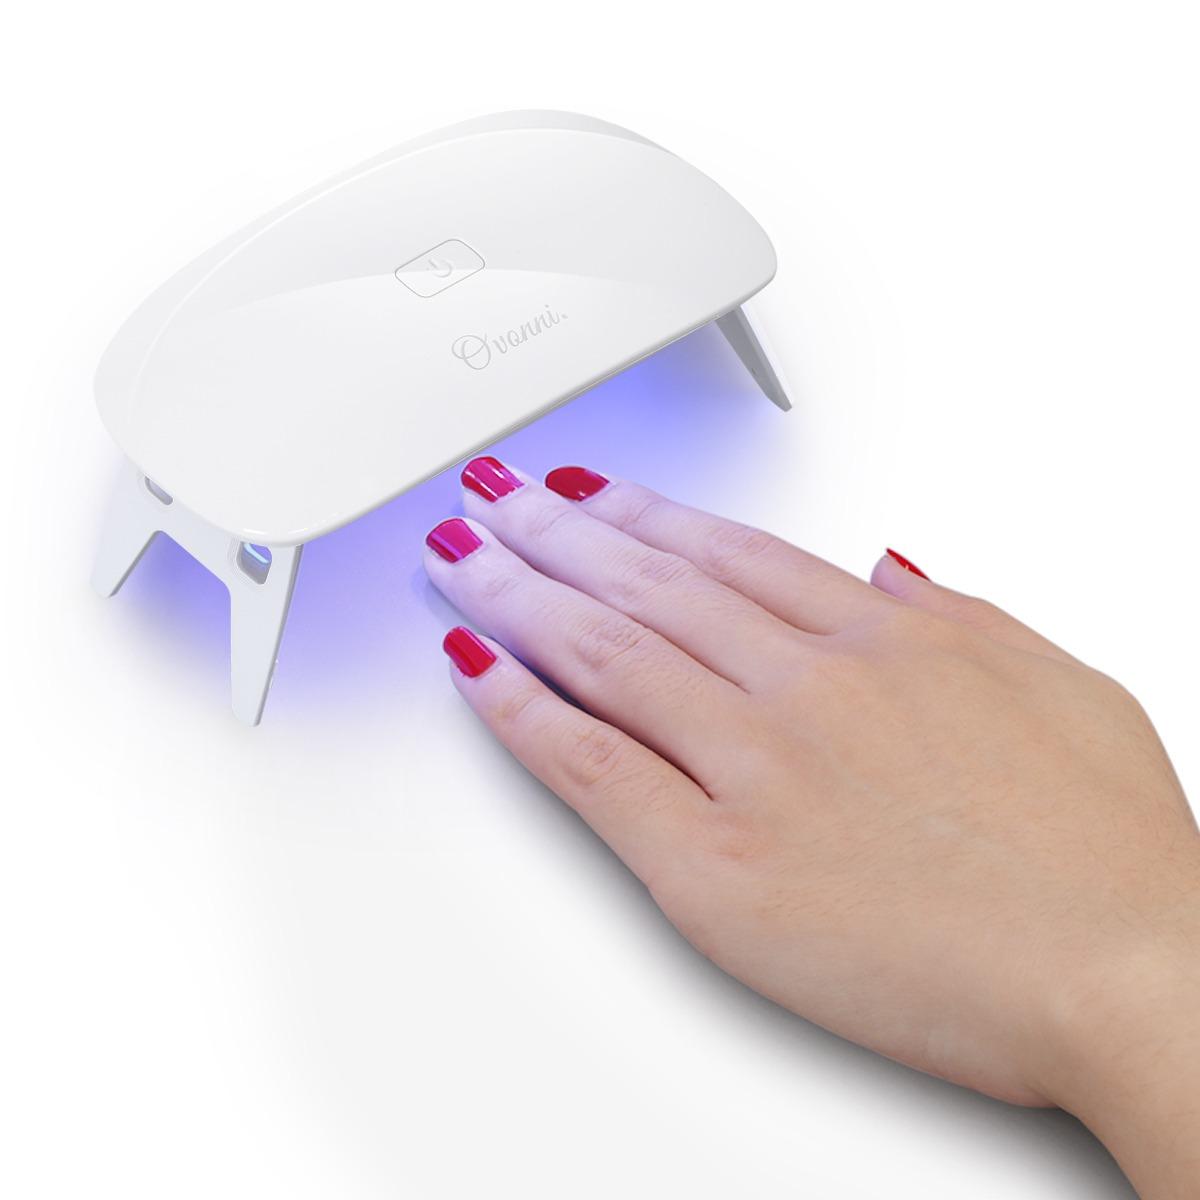 Mini Esmalte De Uñas Secador - $ 207.42 en Mercado Libre